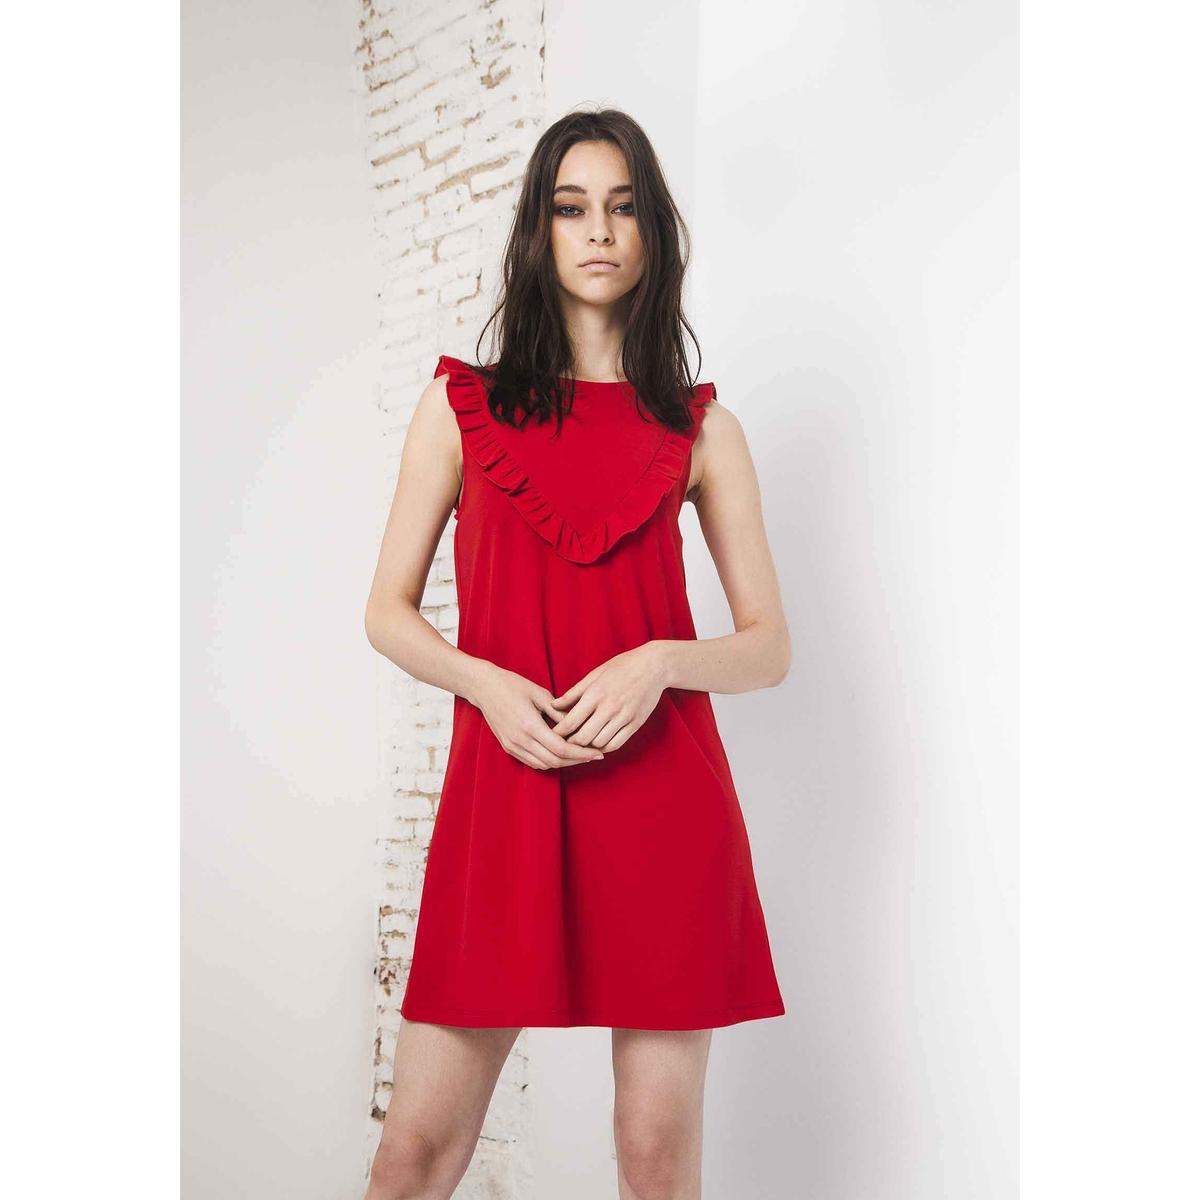 Платье короткое однотонное, без рукавовОписание:Детали •  Форма : МИНИ •  Укороченная модель•  Без рукавов    •  Круглый вырезСостав и уход •  5% эластана, 95% полиэстера  •  Следуйте рекомендациям по уходу, указанным на этикетке изделия<br><br>Цвет: красный